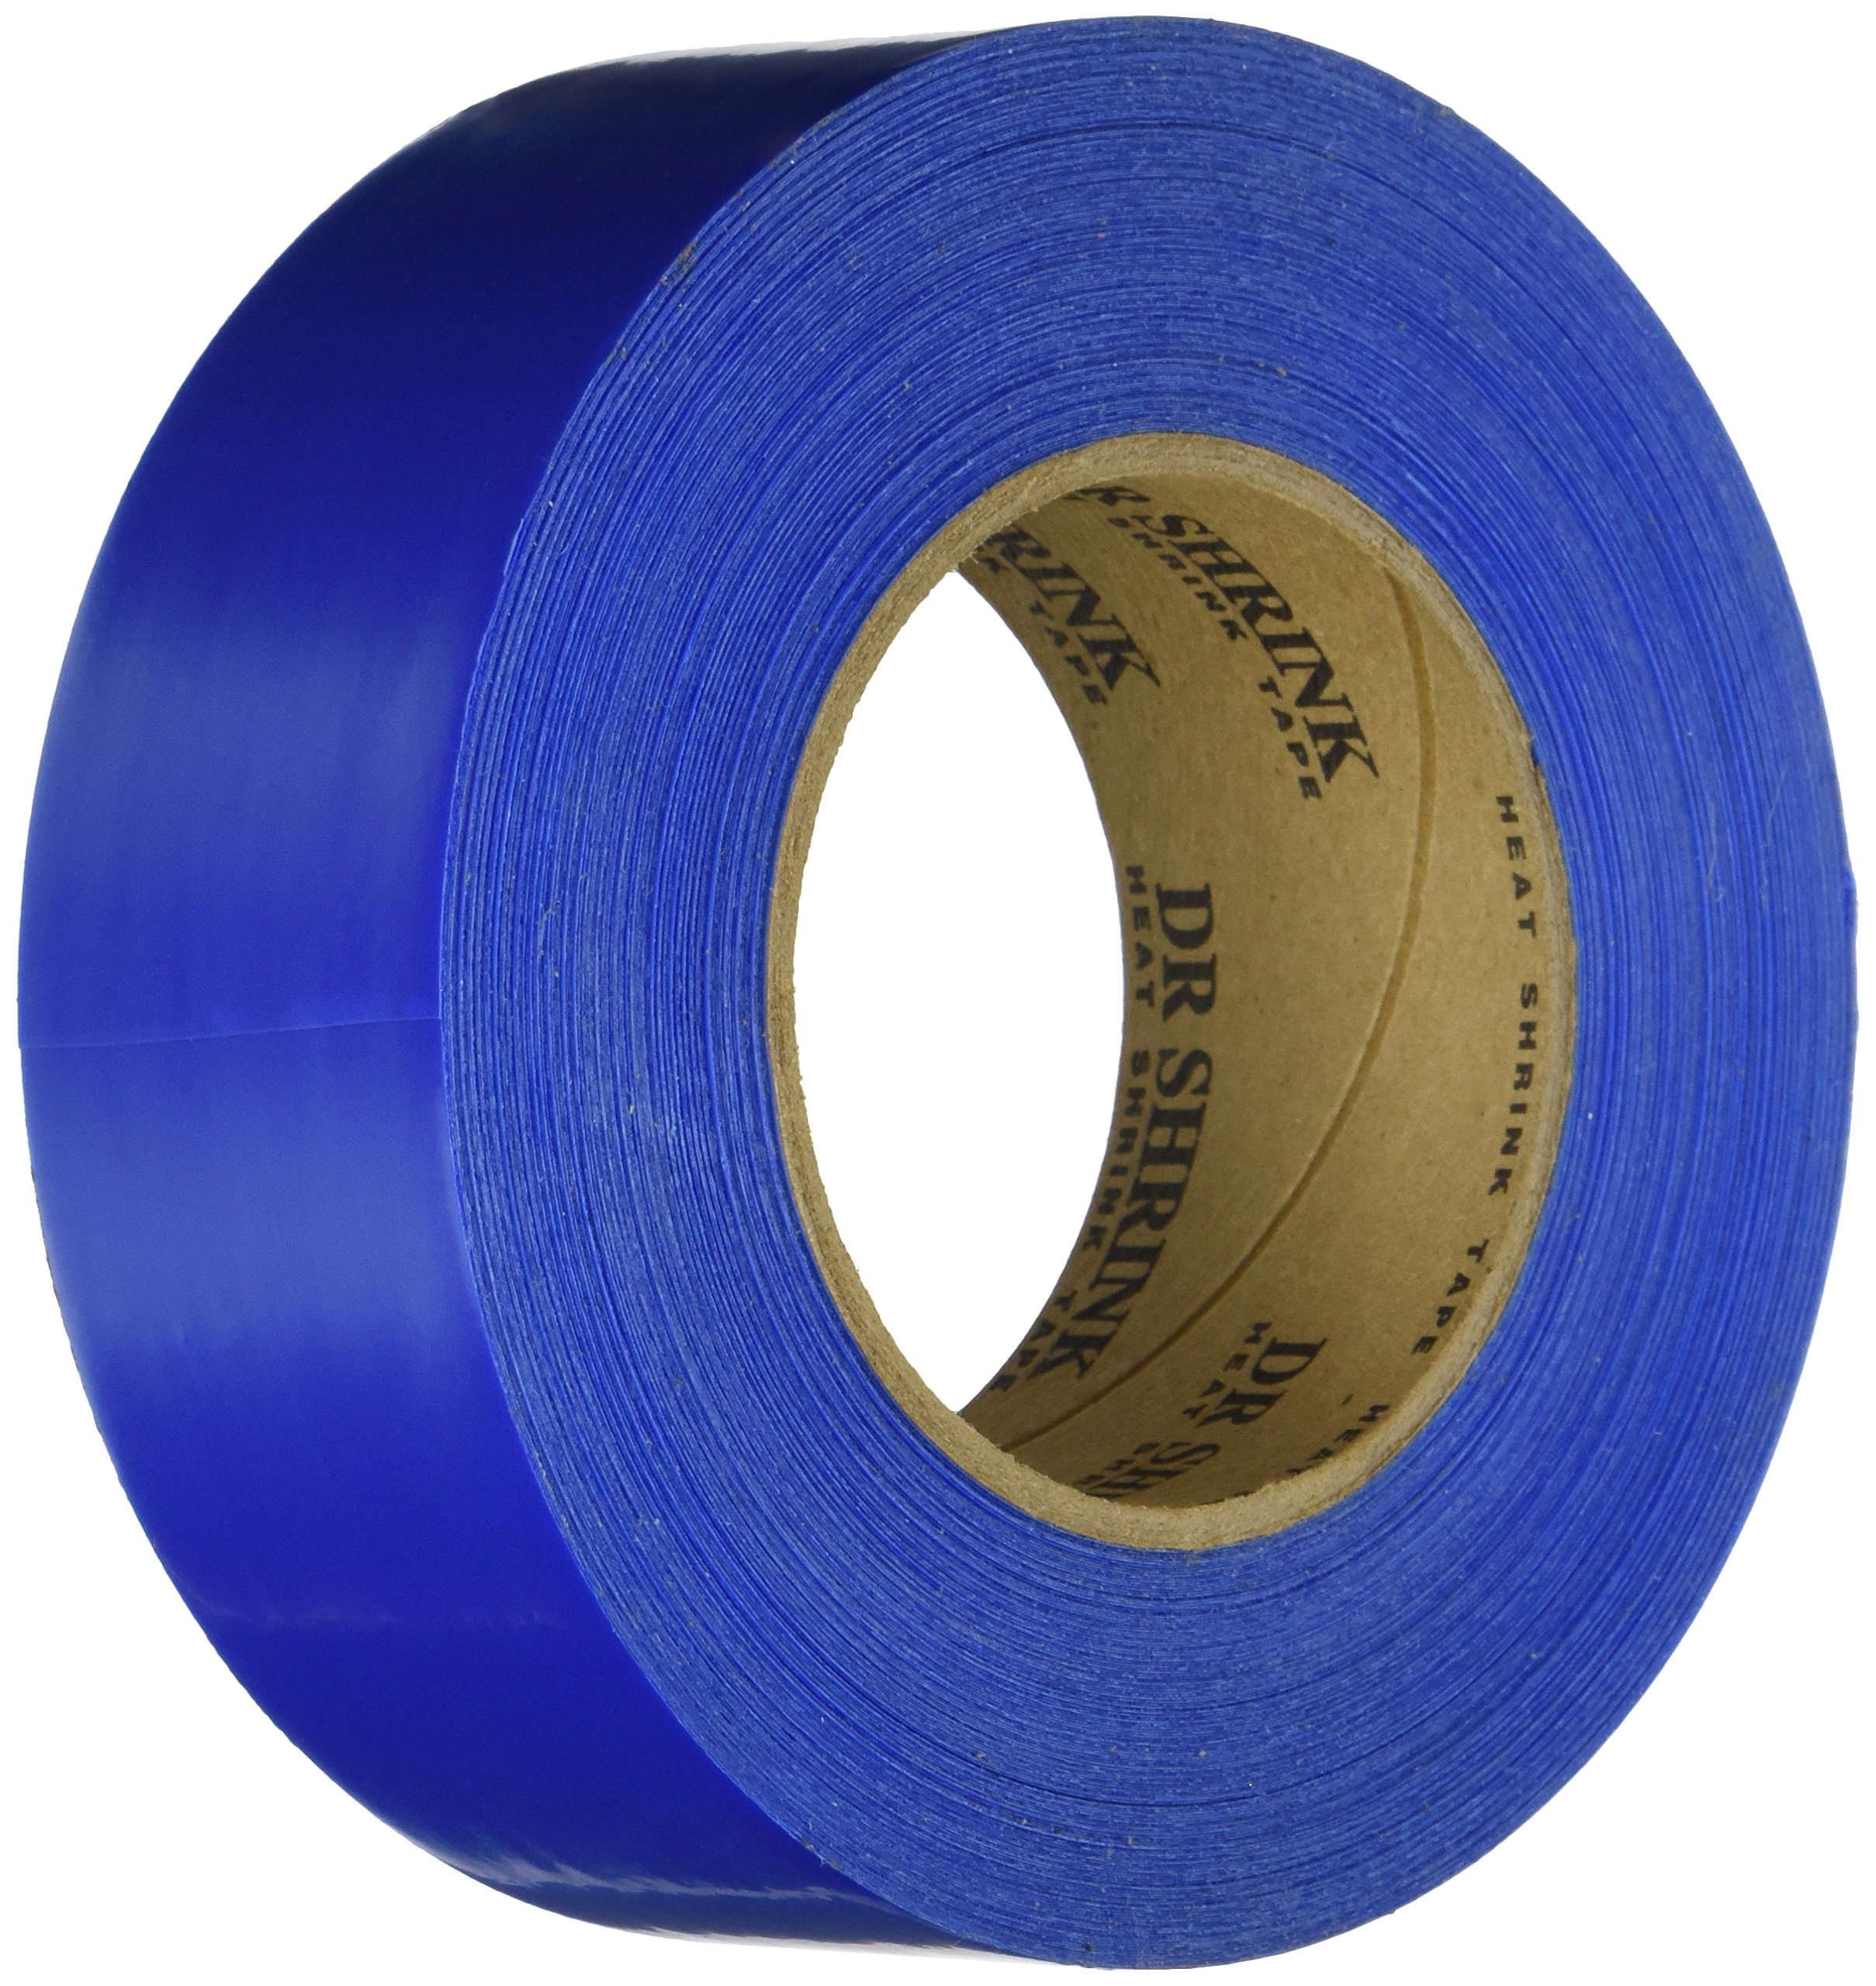 Dr. Shrink DS-702B Blue 2'' x 180' Shrink Tape